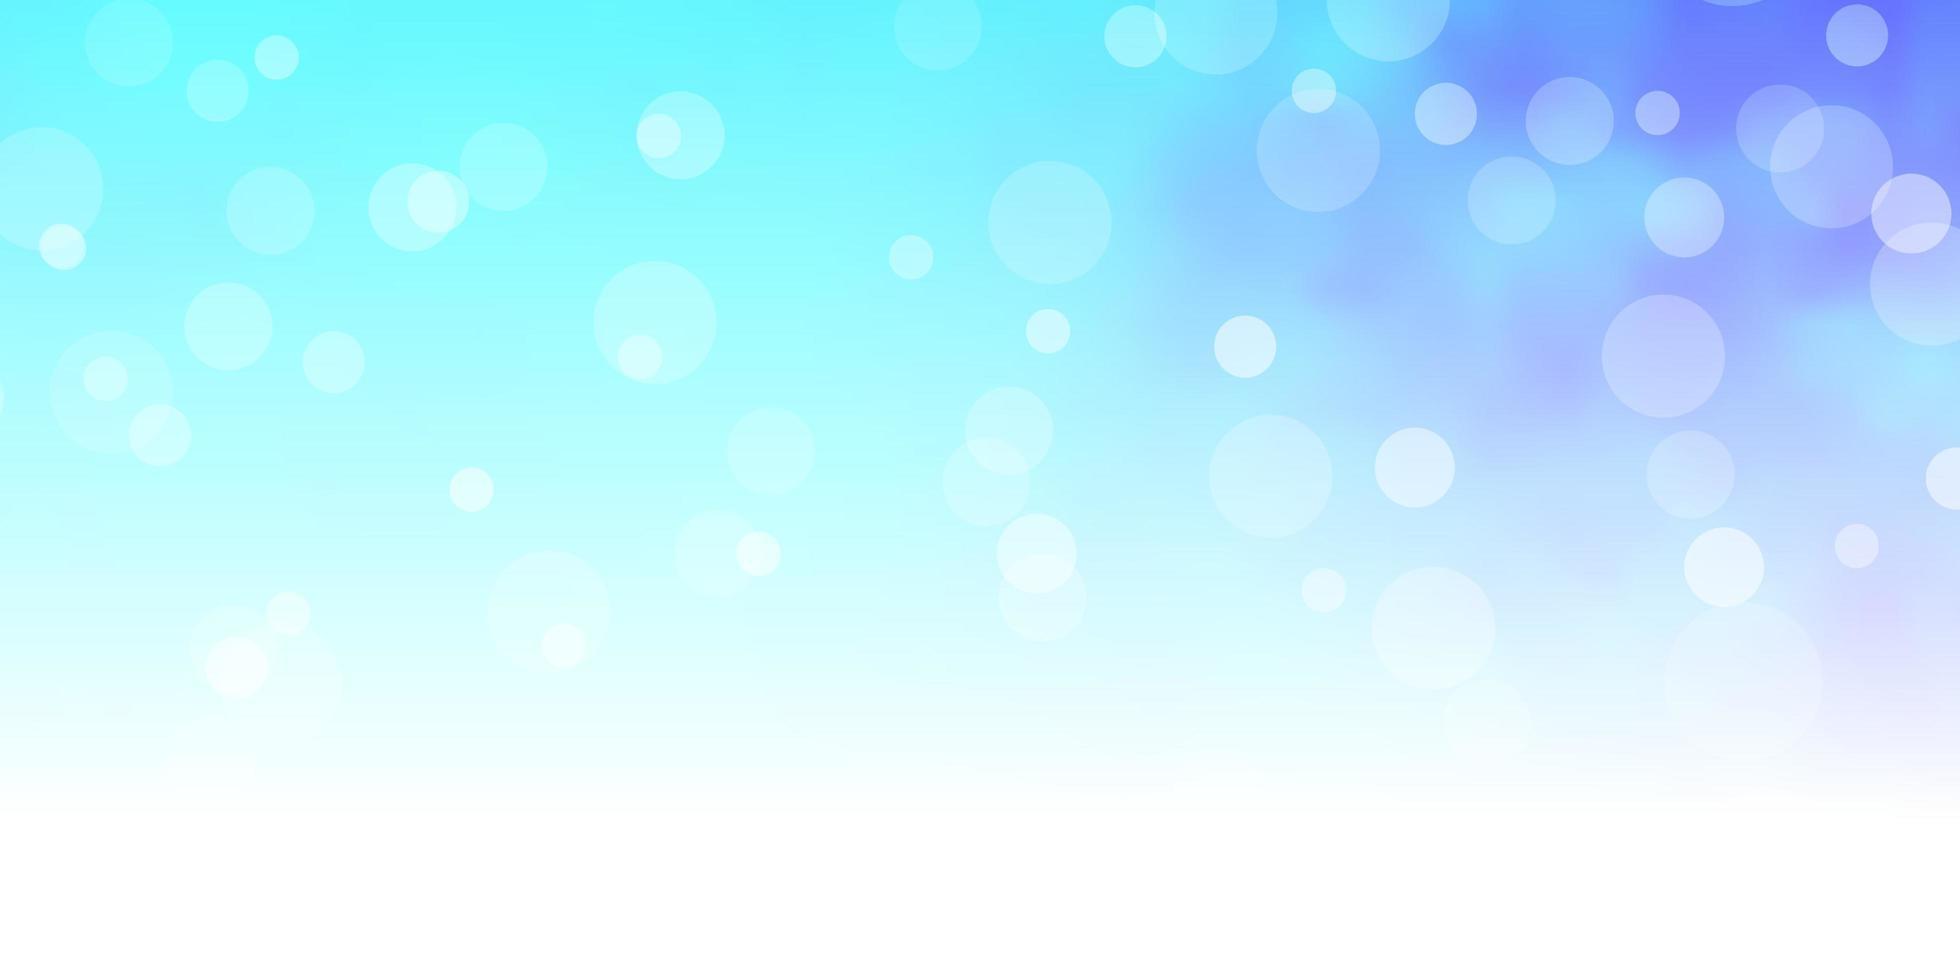 disposition de vecteur bleu clair avec des cercles